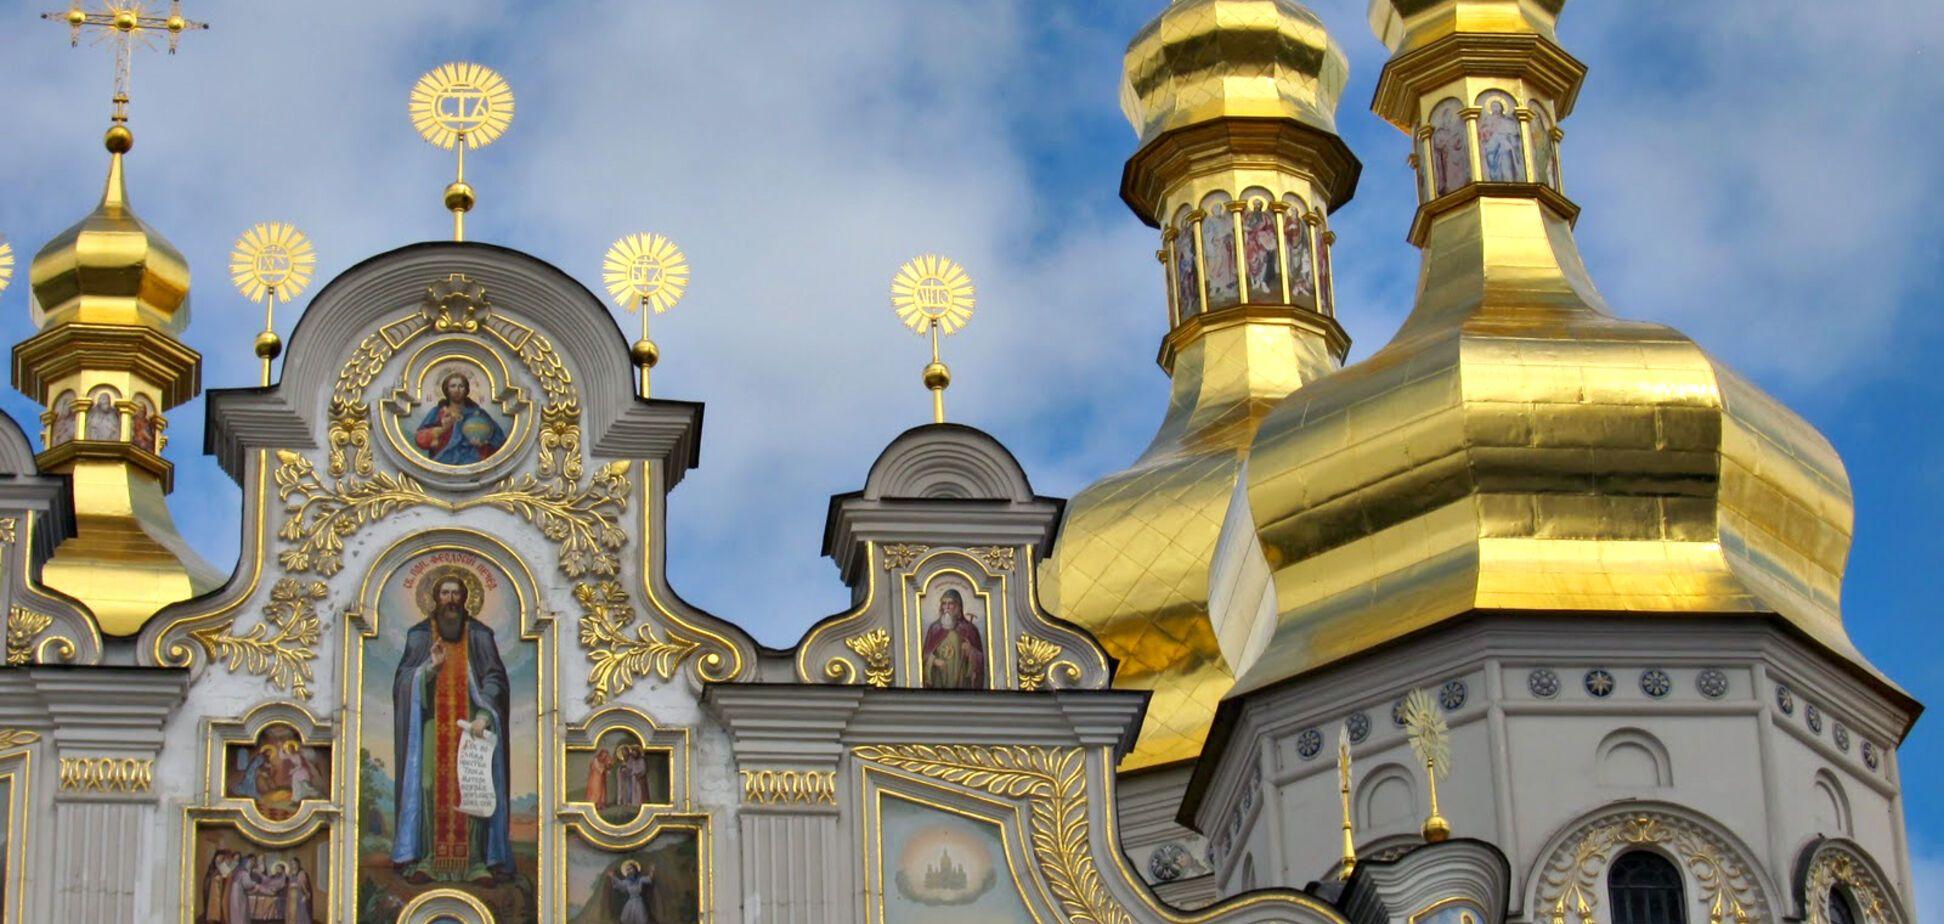 Константинополь дав 'зелене світло': Порошенко анонсував створення єдиної української церкви